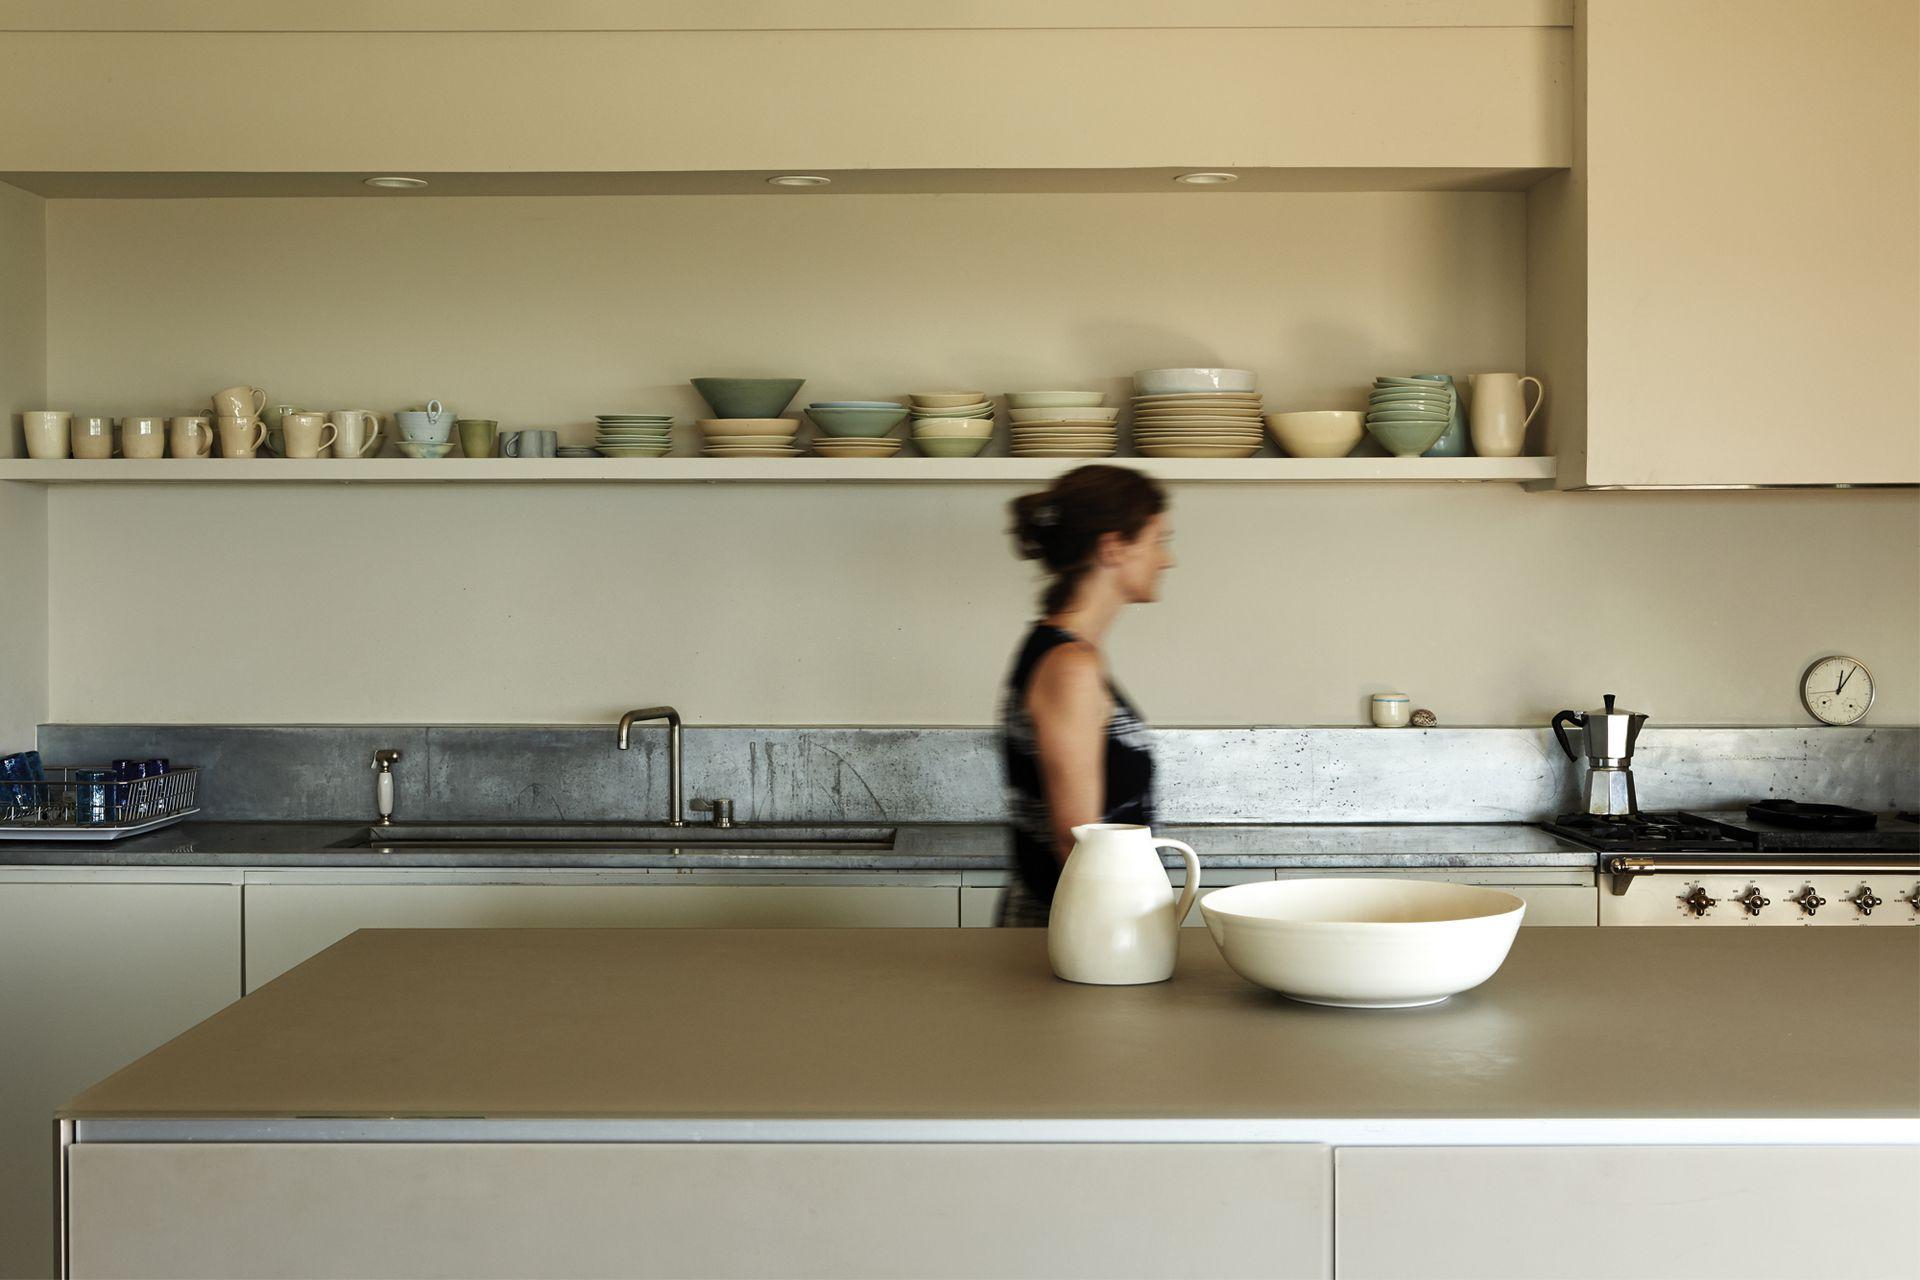 La superficie de la isla (Valcucine) tiene un acabado de cristal arenado que combina muy bien con la madera presente en toda la casa